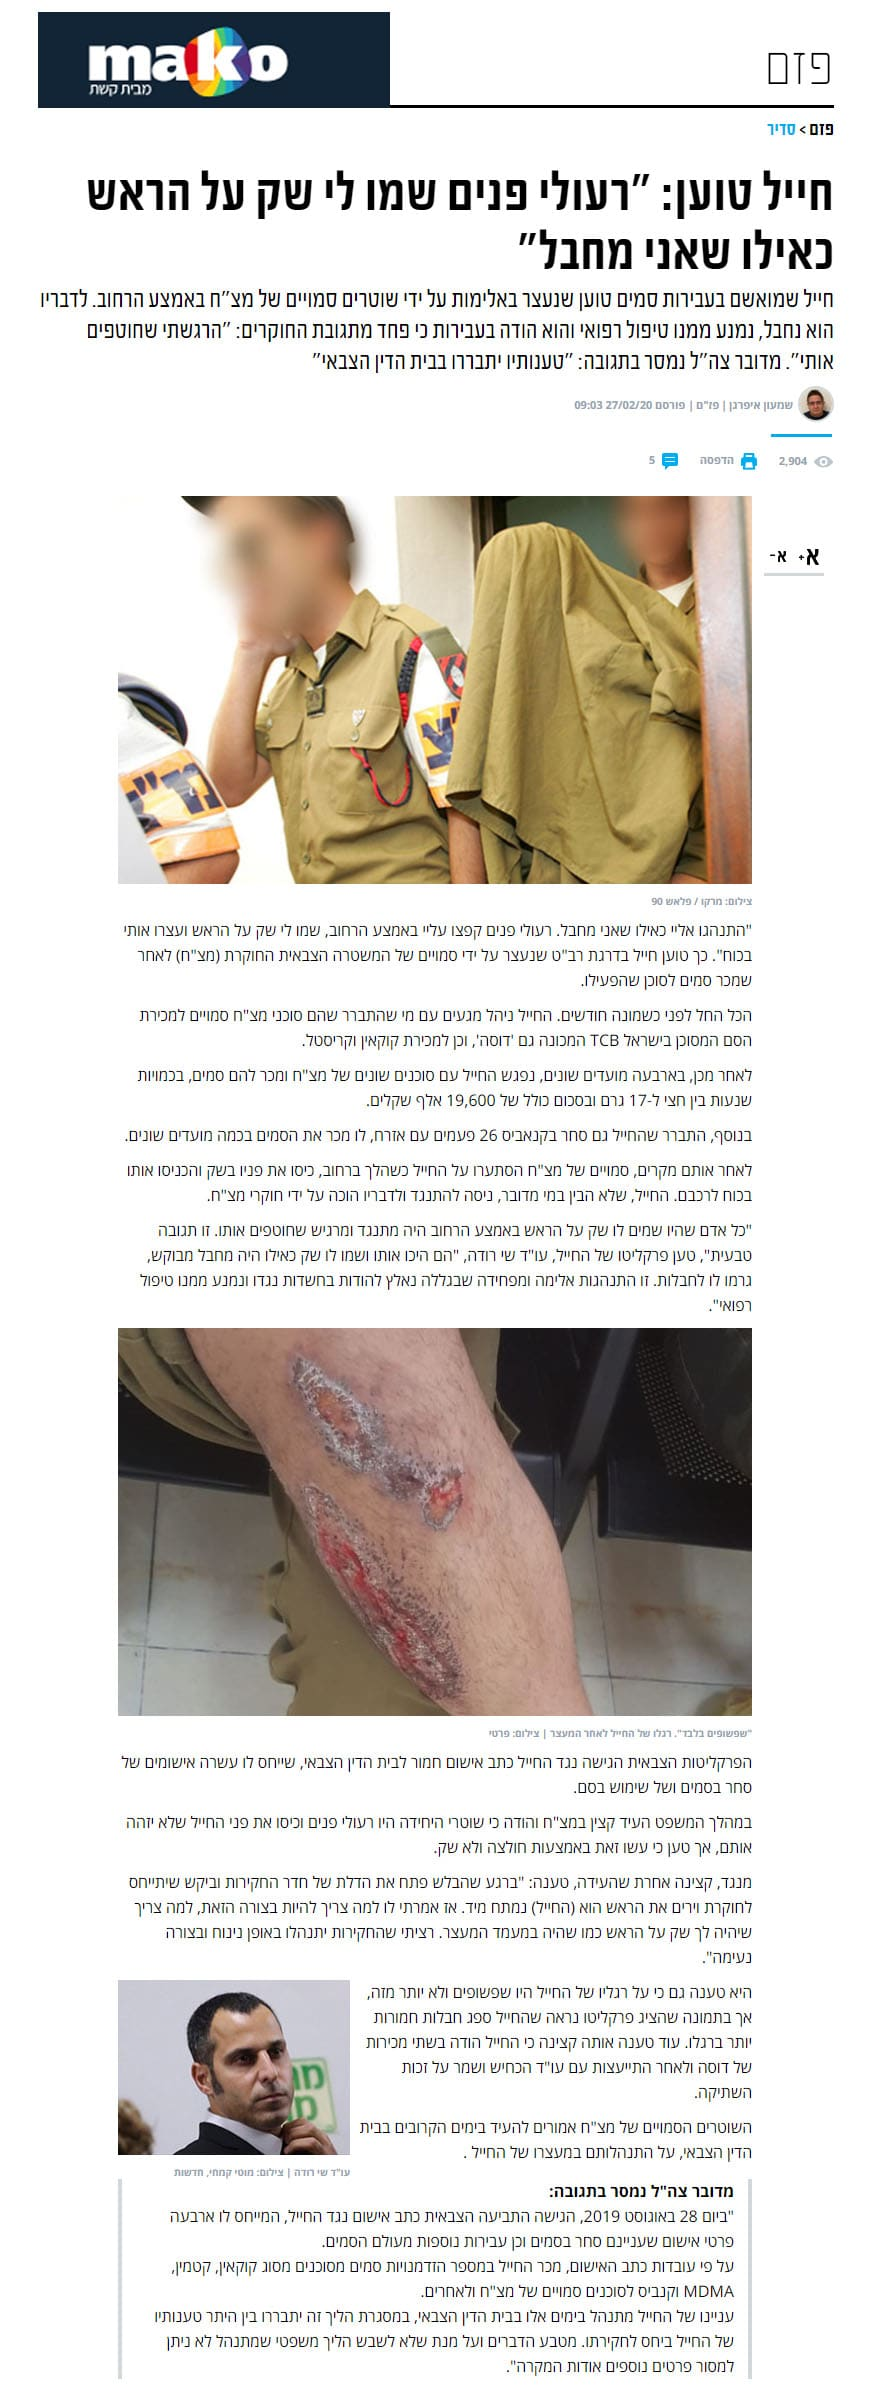 """חייל טוען: """"רעולי פנים שמו לי שק על הראש כאילו שאני מחבל"""". 27/2/2020 מאקו"""